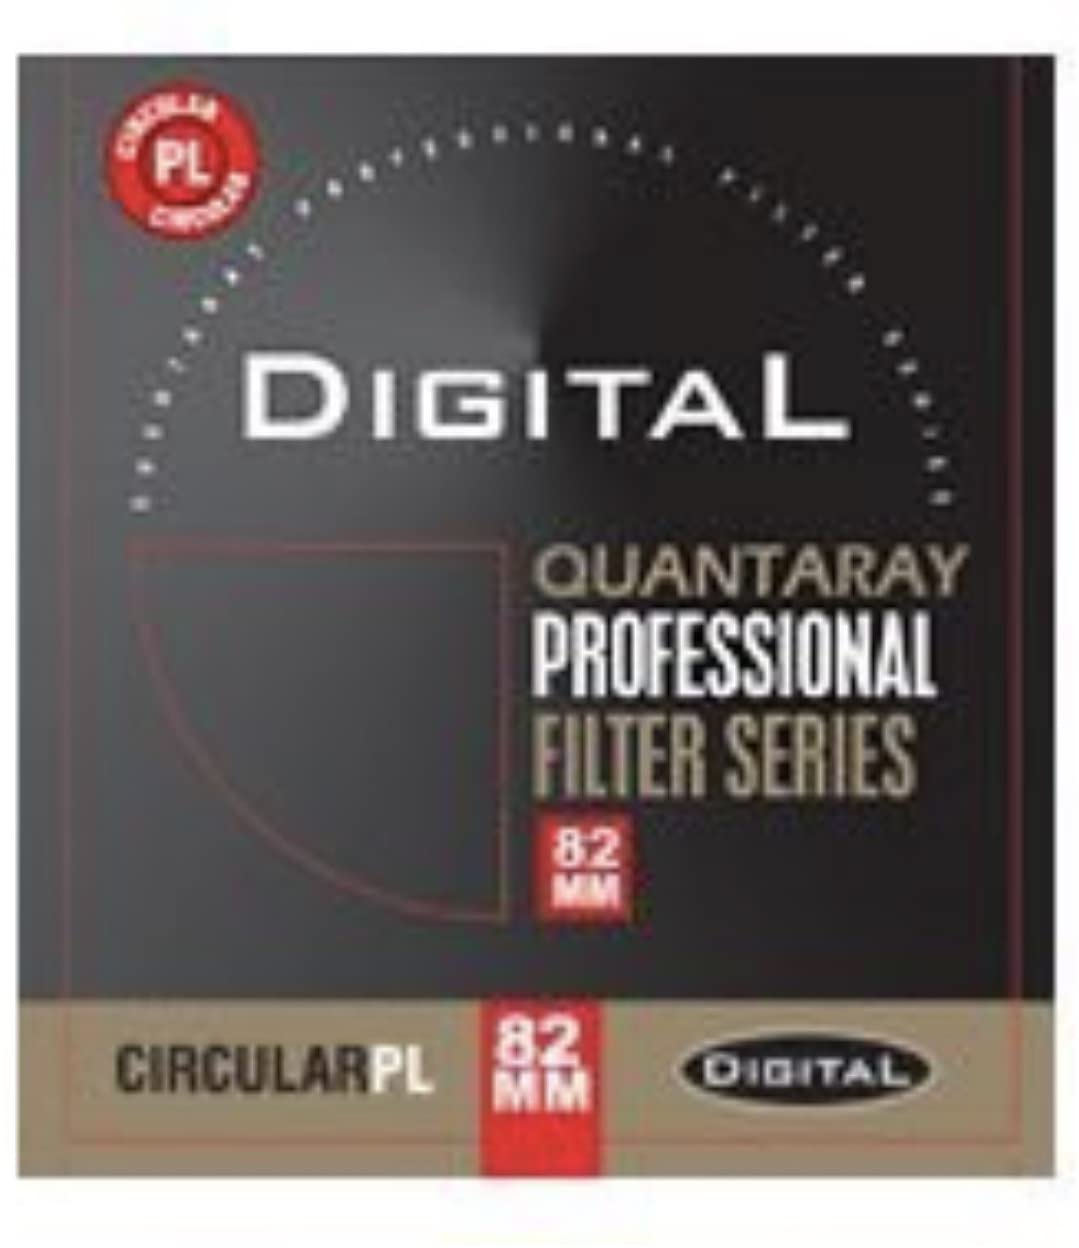 Quantaray 58mm Circular Polarizing C-PL Filter